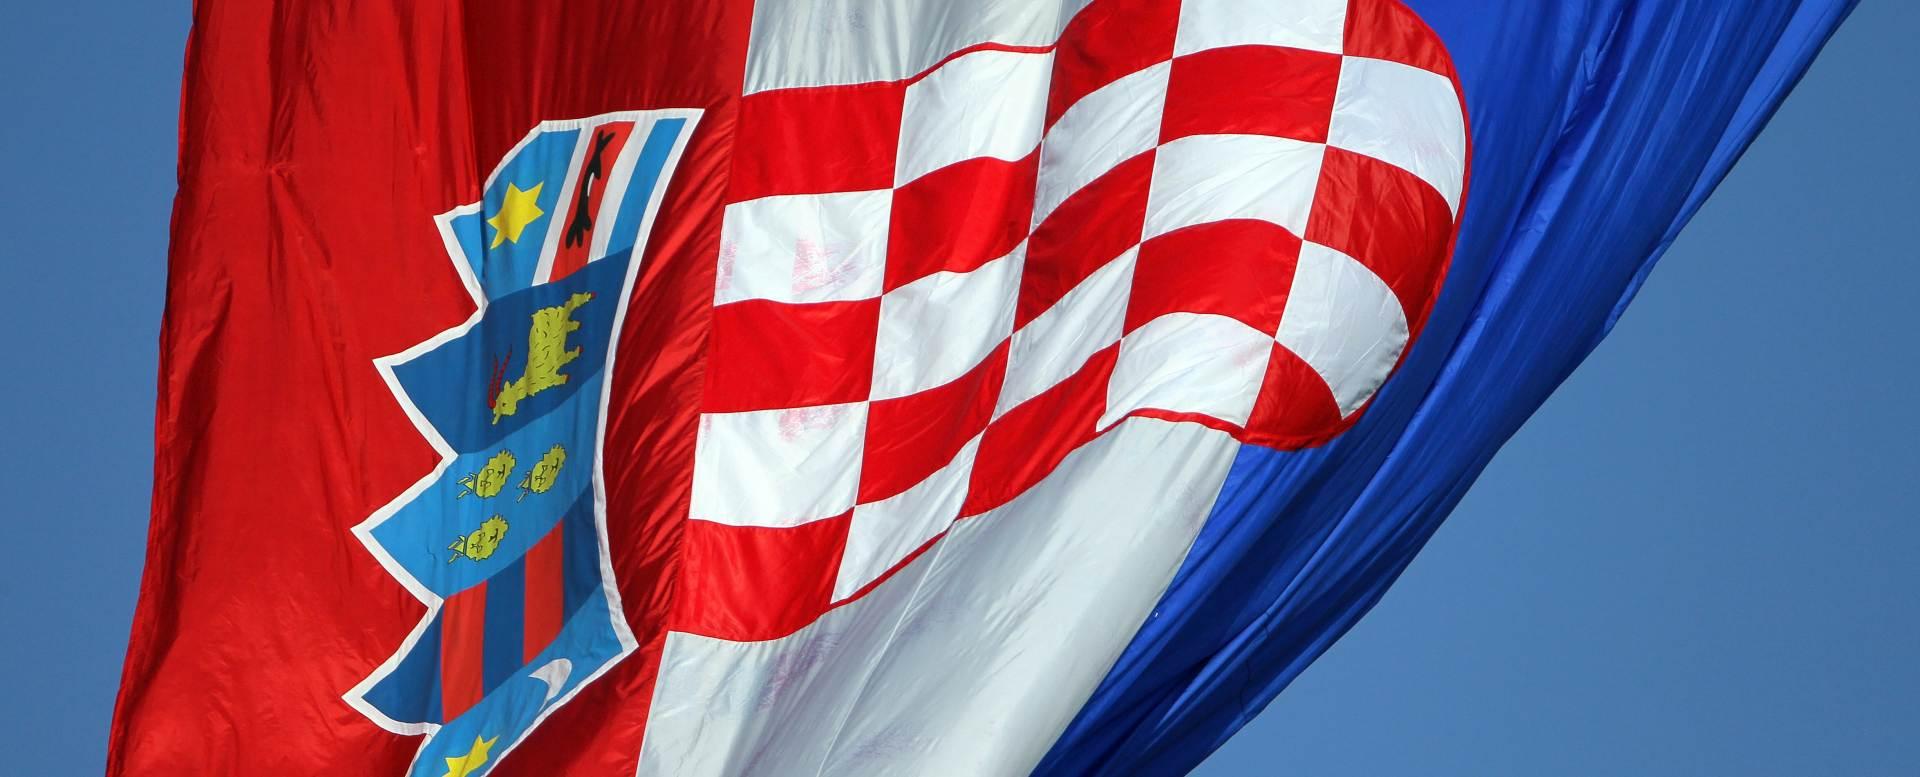 MVEP čestitao Dan državnosti, posebno se zahvalili braniteljima